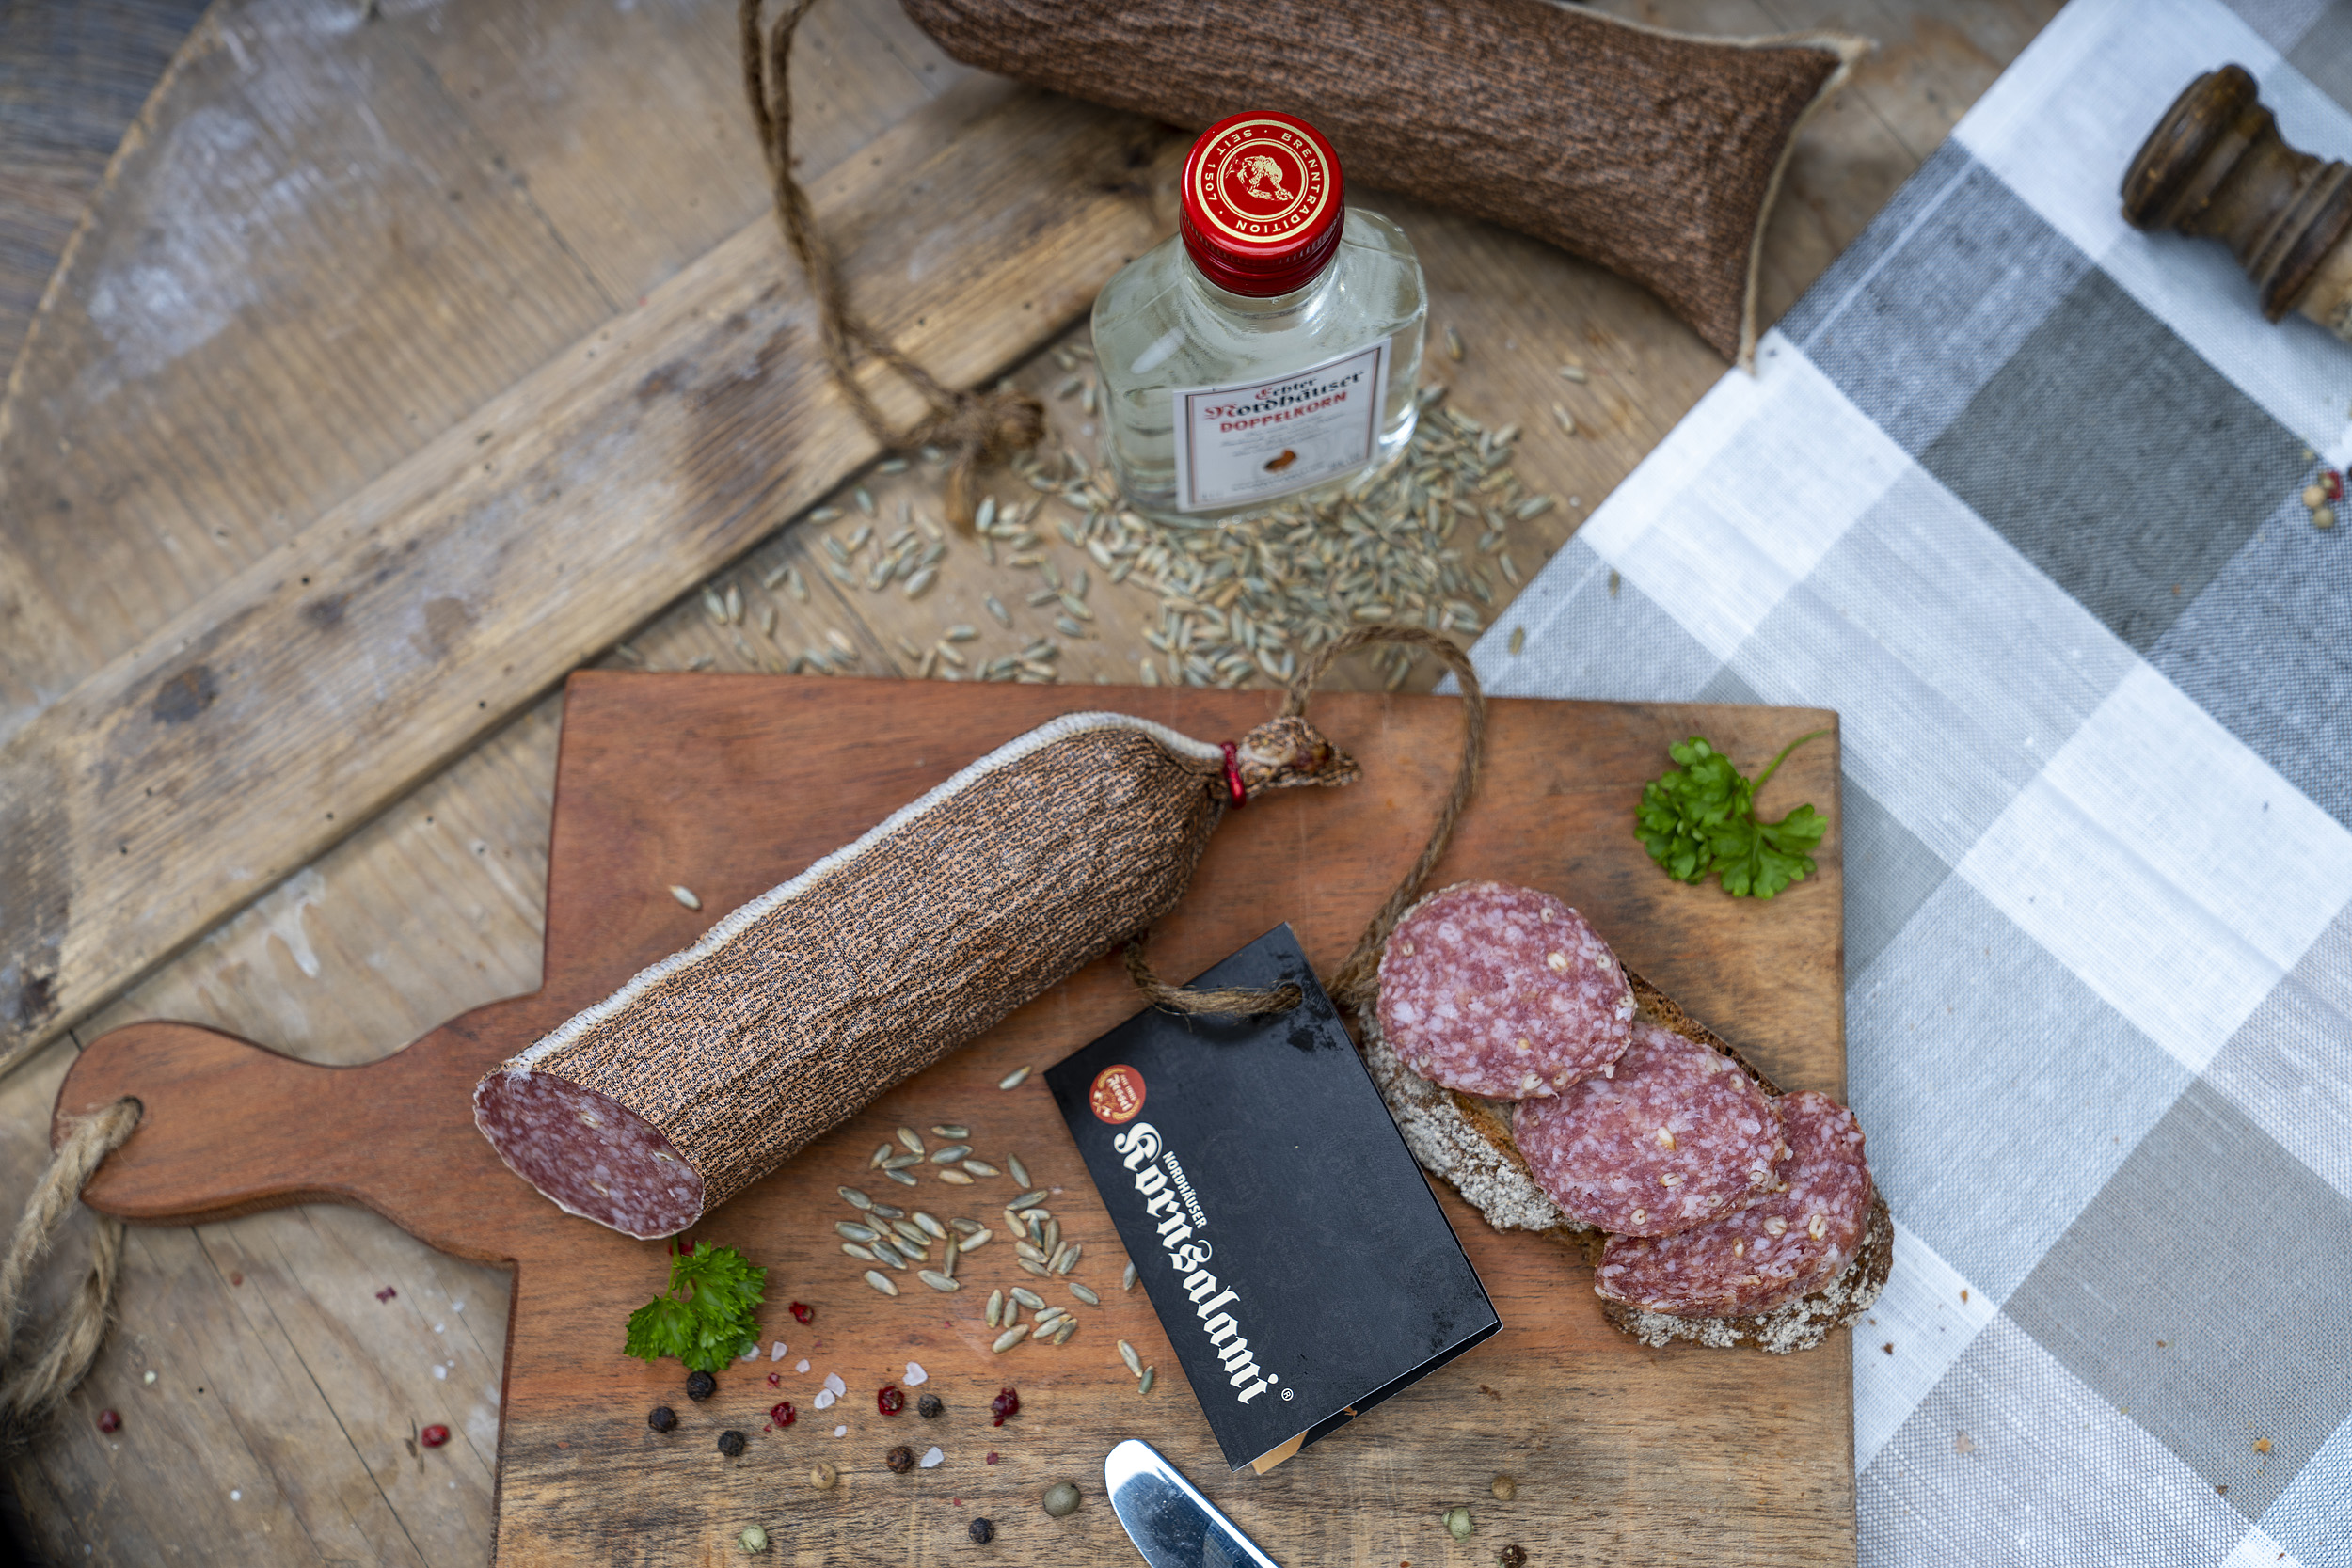 Kornsalami auf einem Holzbrett. Daneben eine Scheibe Brot mit der Salami und Gewürze. Neben dem Brett eine kleine Flasche Echter Nordhäuser Doppelkorn.